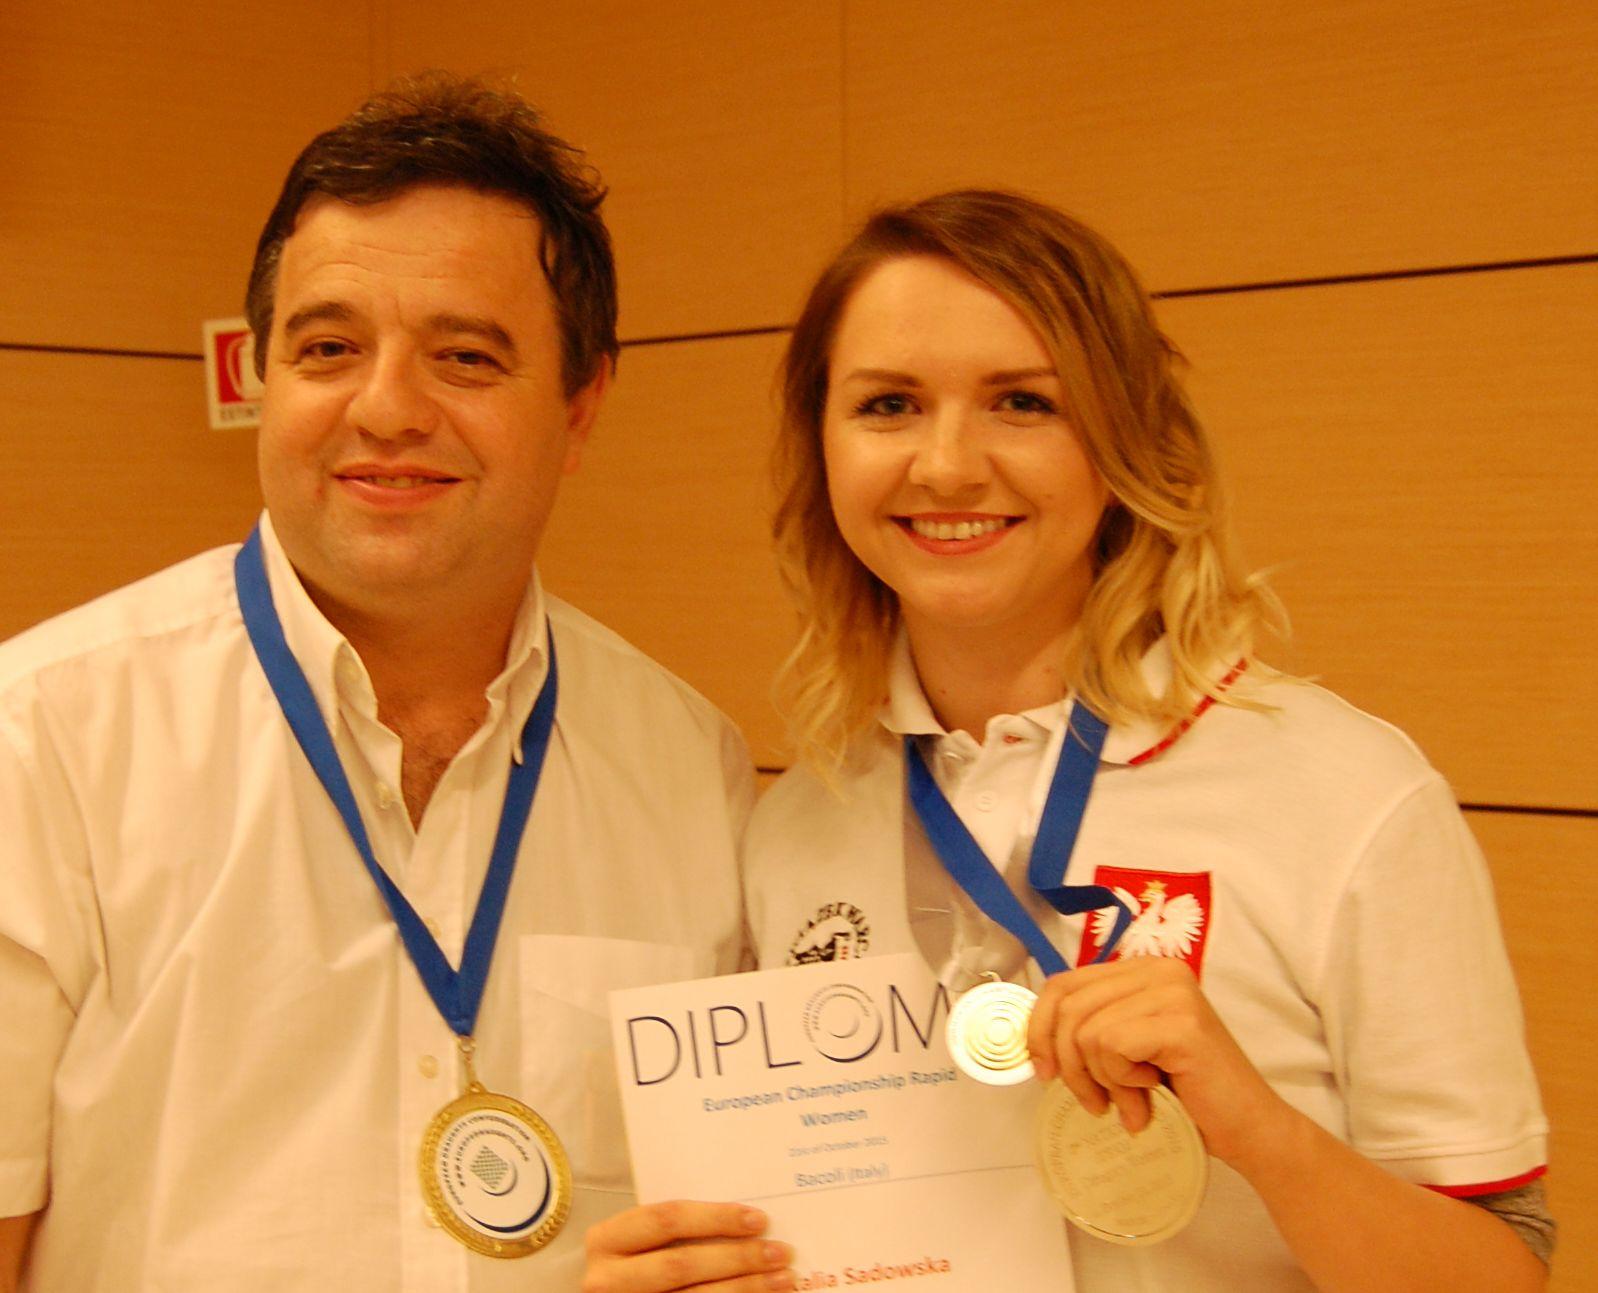 Gwiazdy światowych Warcabów - Mistrz i Mistrzyni Europy